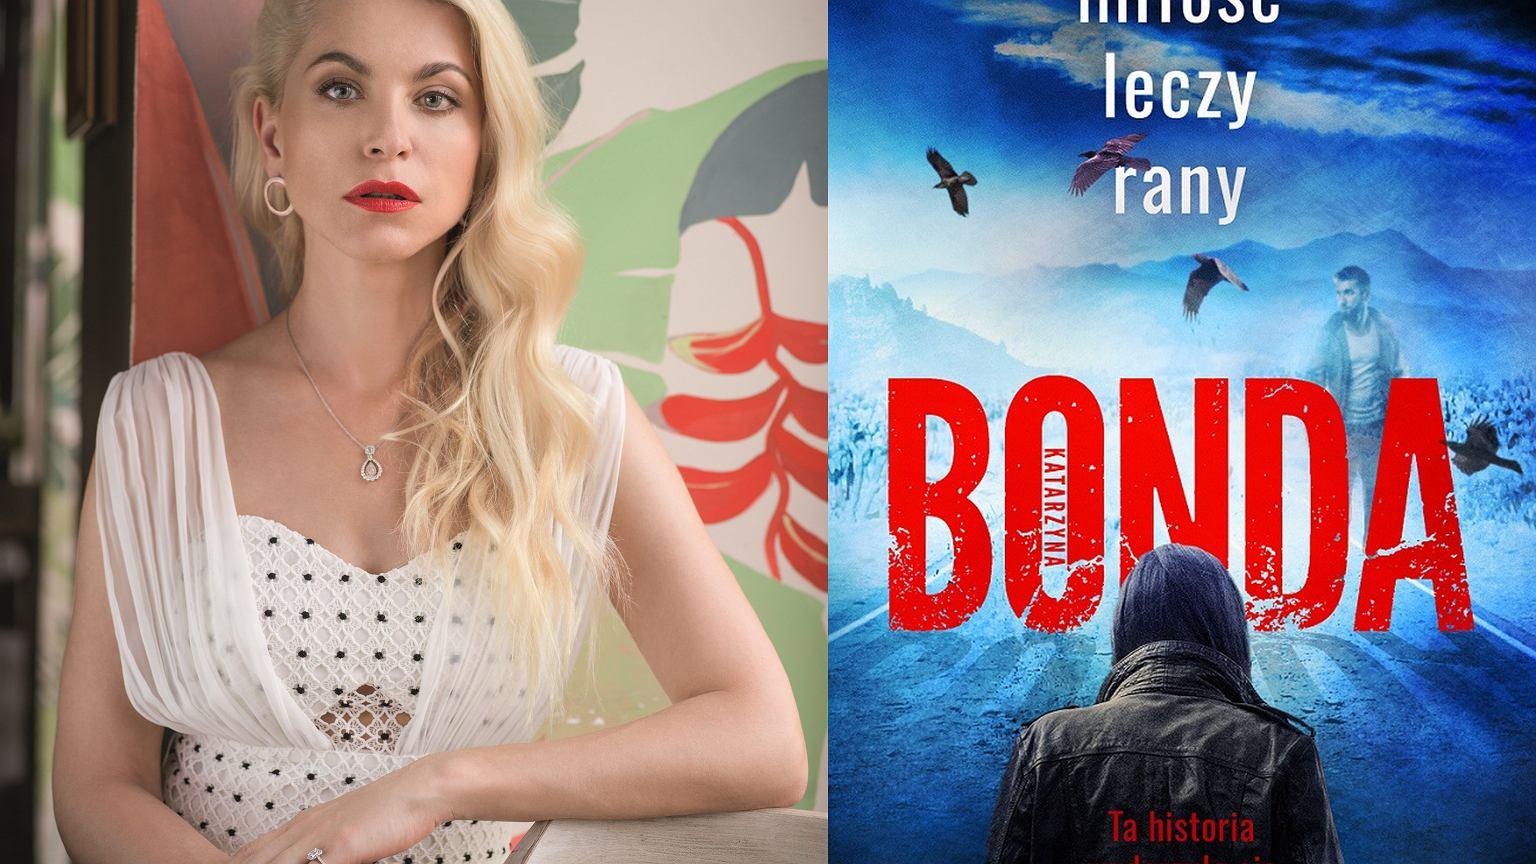 Katarzyna Bonda pierwszy raz inspiruje się prawdziwymi zdarzeniami.